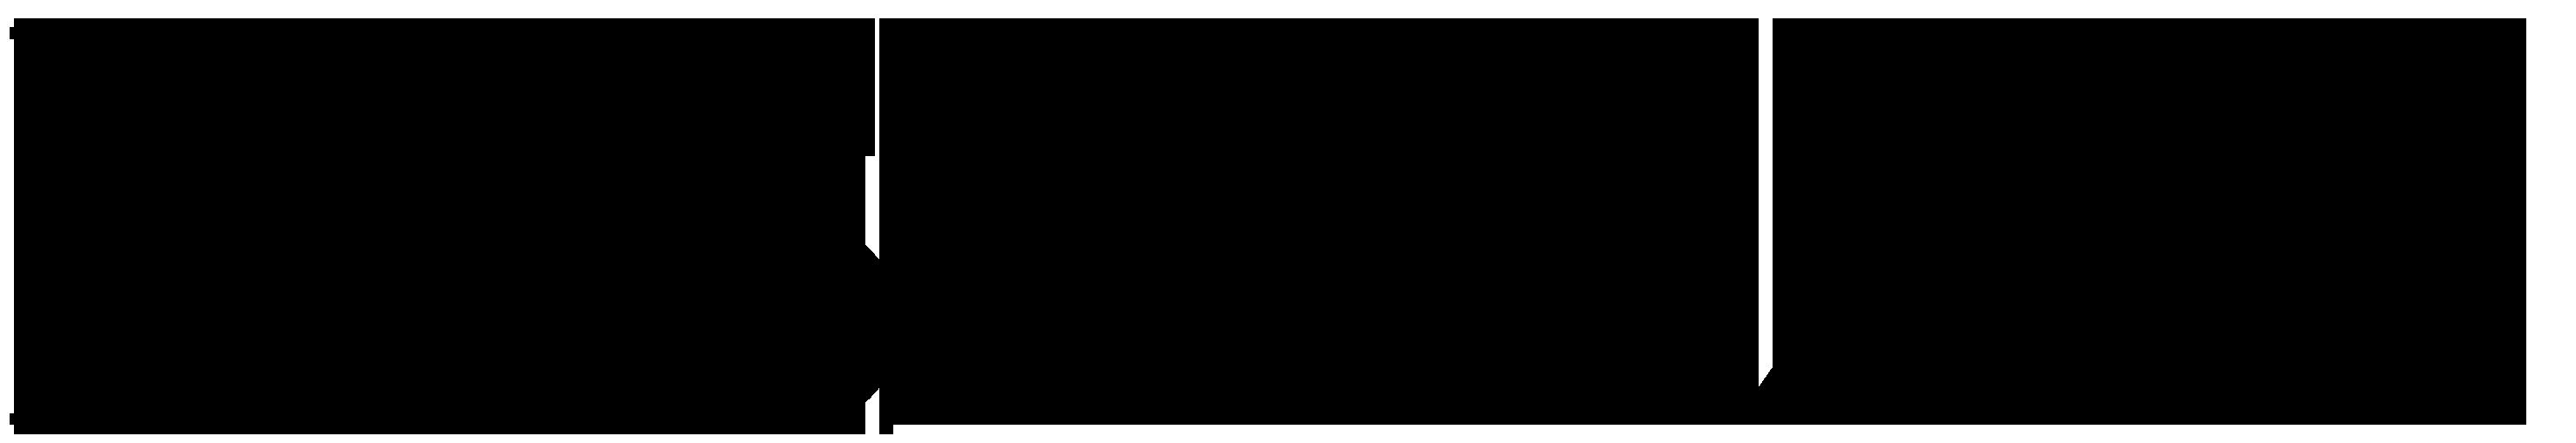 Bildresultat för bisazza logo png